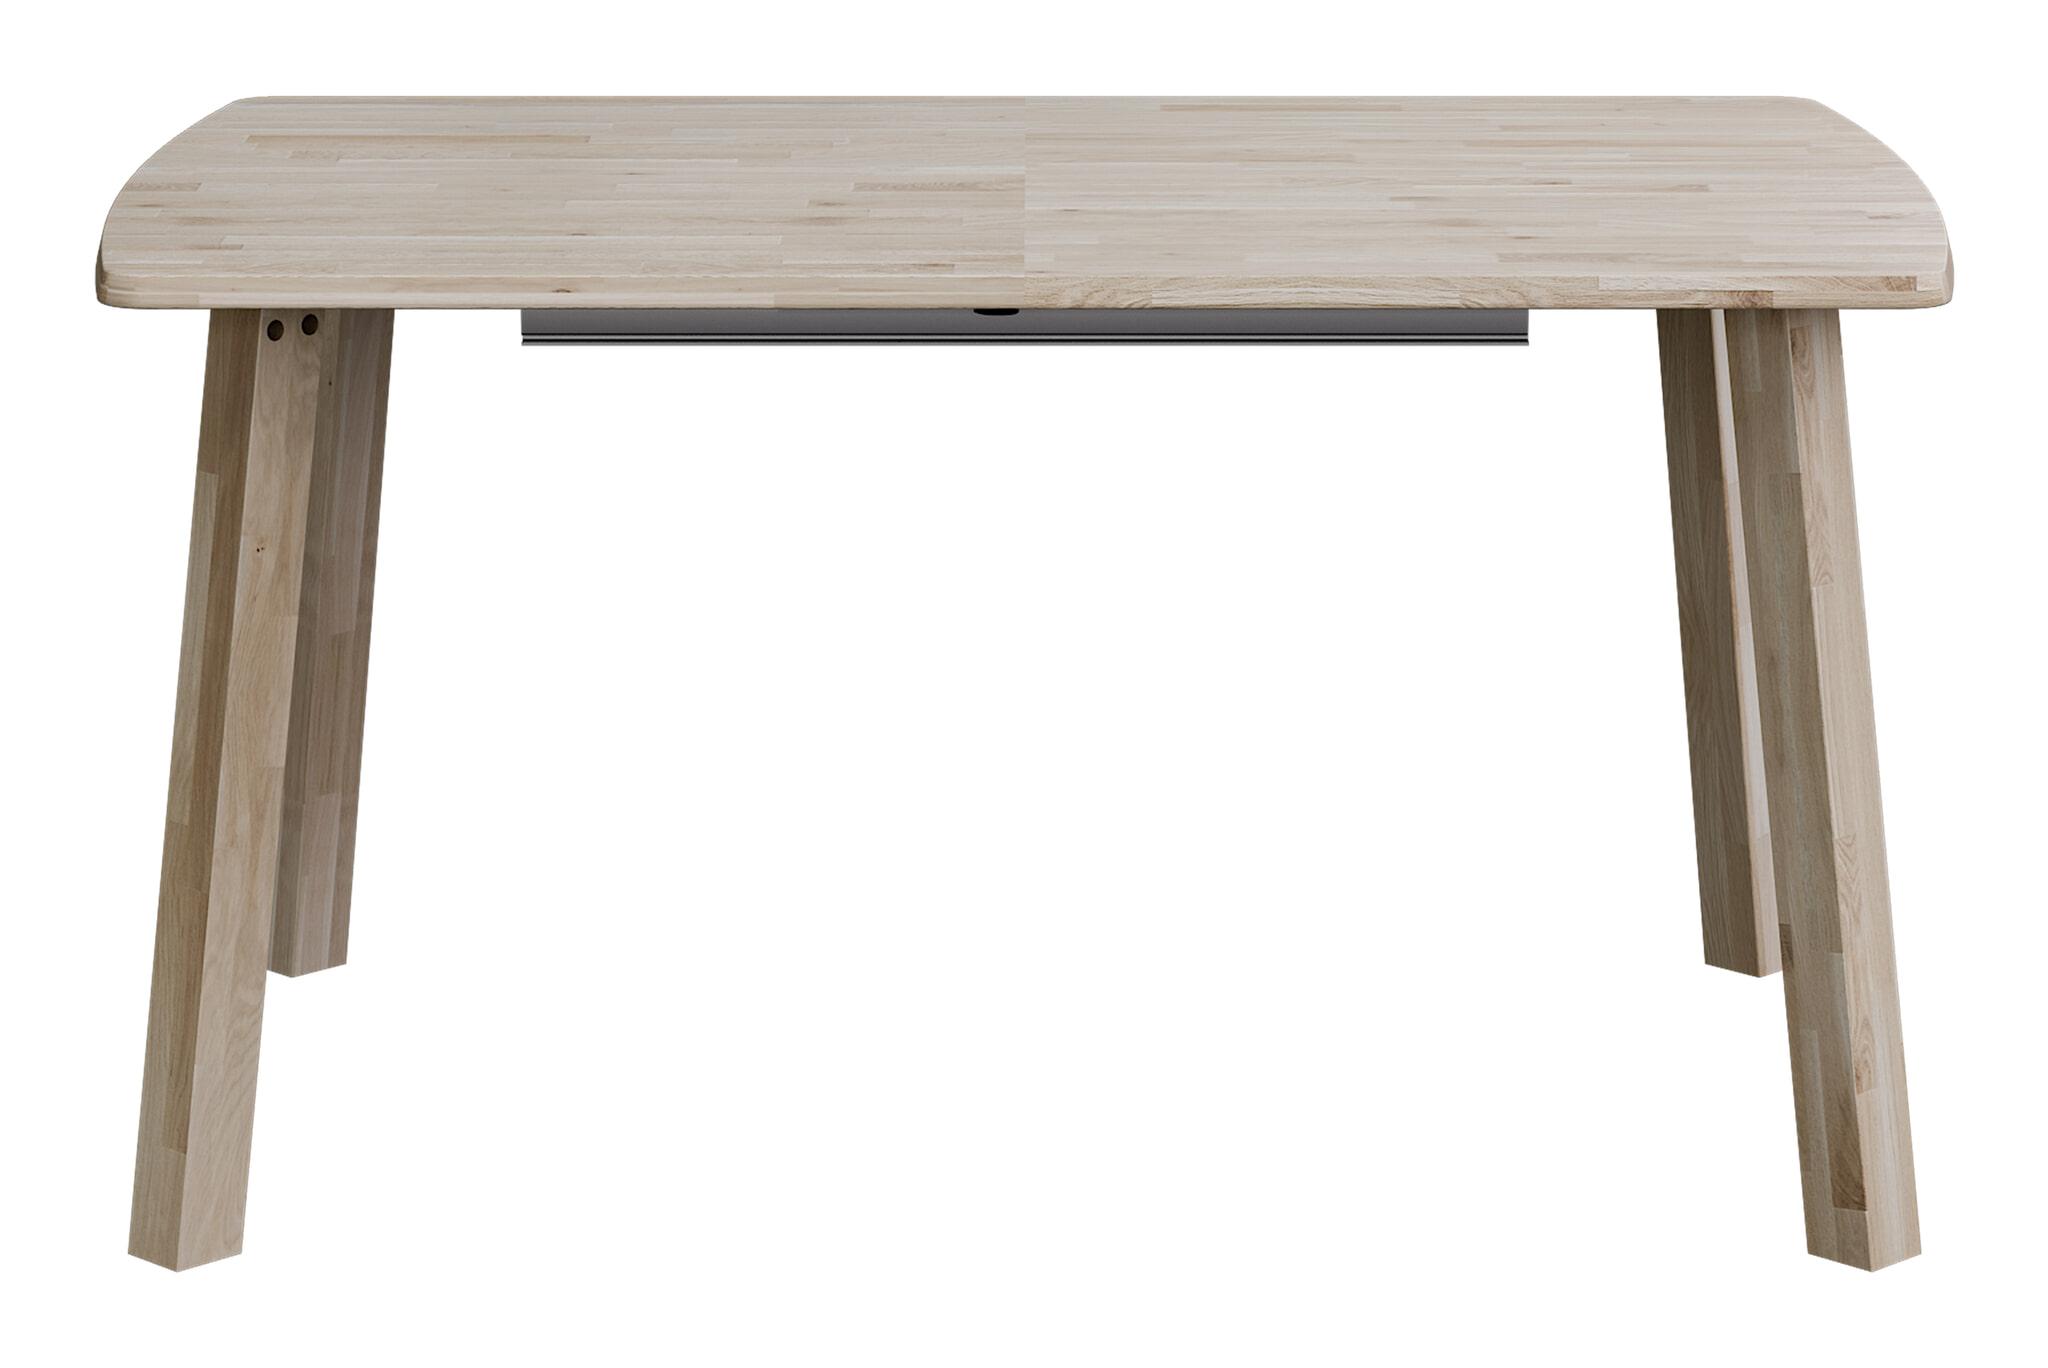 Witte Eettafel 220 Cm.Woood Uitschuifbare Eettafel Lange Jan 85 X 140 220cm Woood